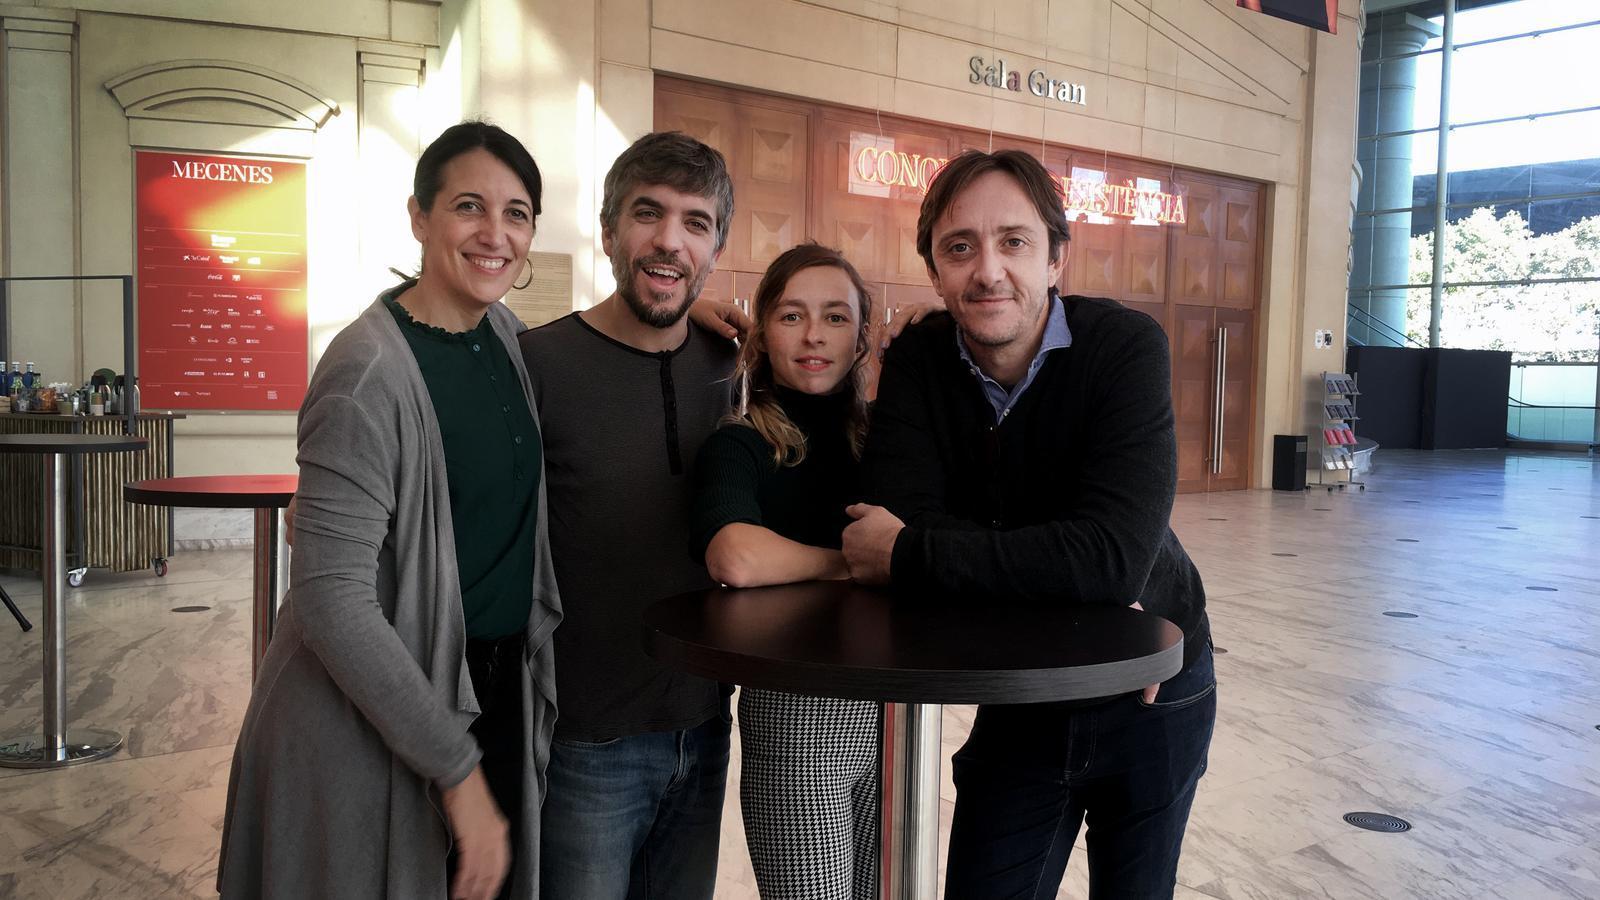 Olga Onrubia, Jordi Oriol, Anna Hierro i Joan Carreras durant la presentació d'Europa Bull  al vestíbul del TNC.